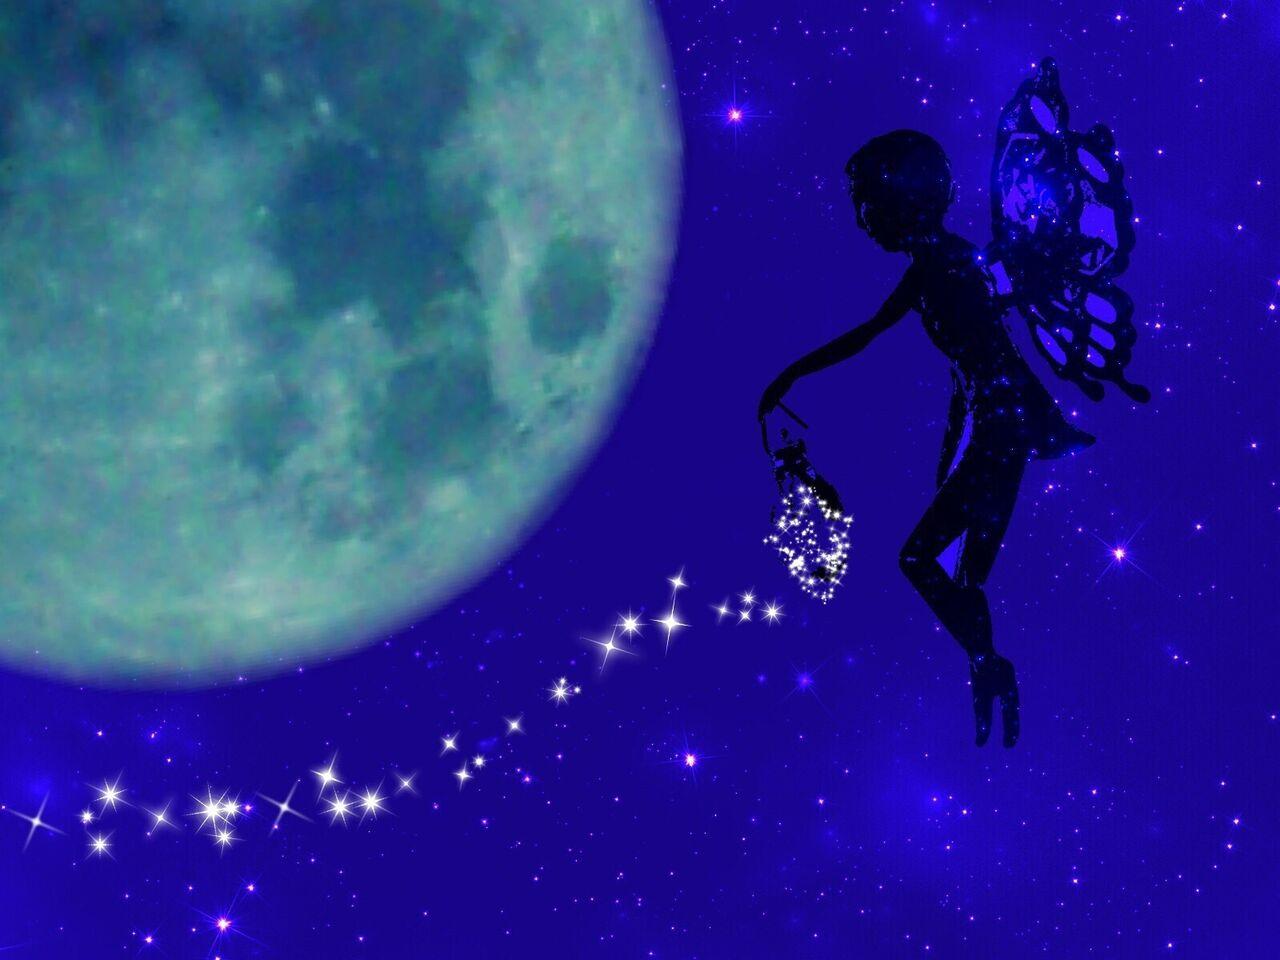 宇宙 妖精